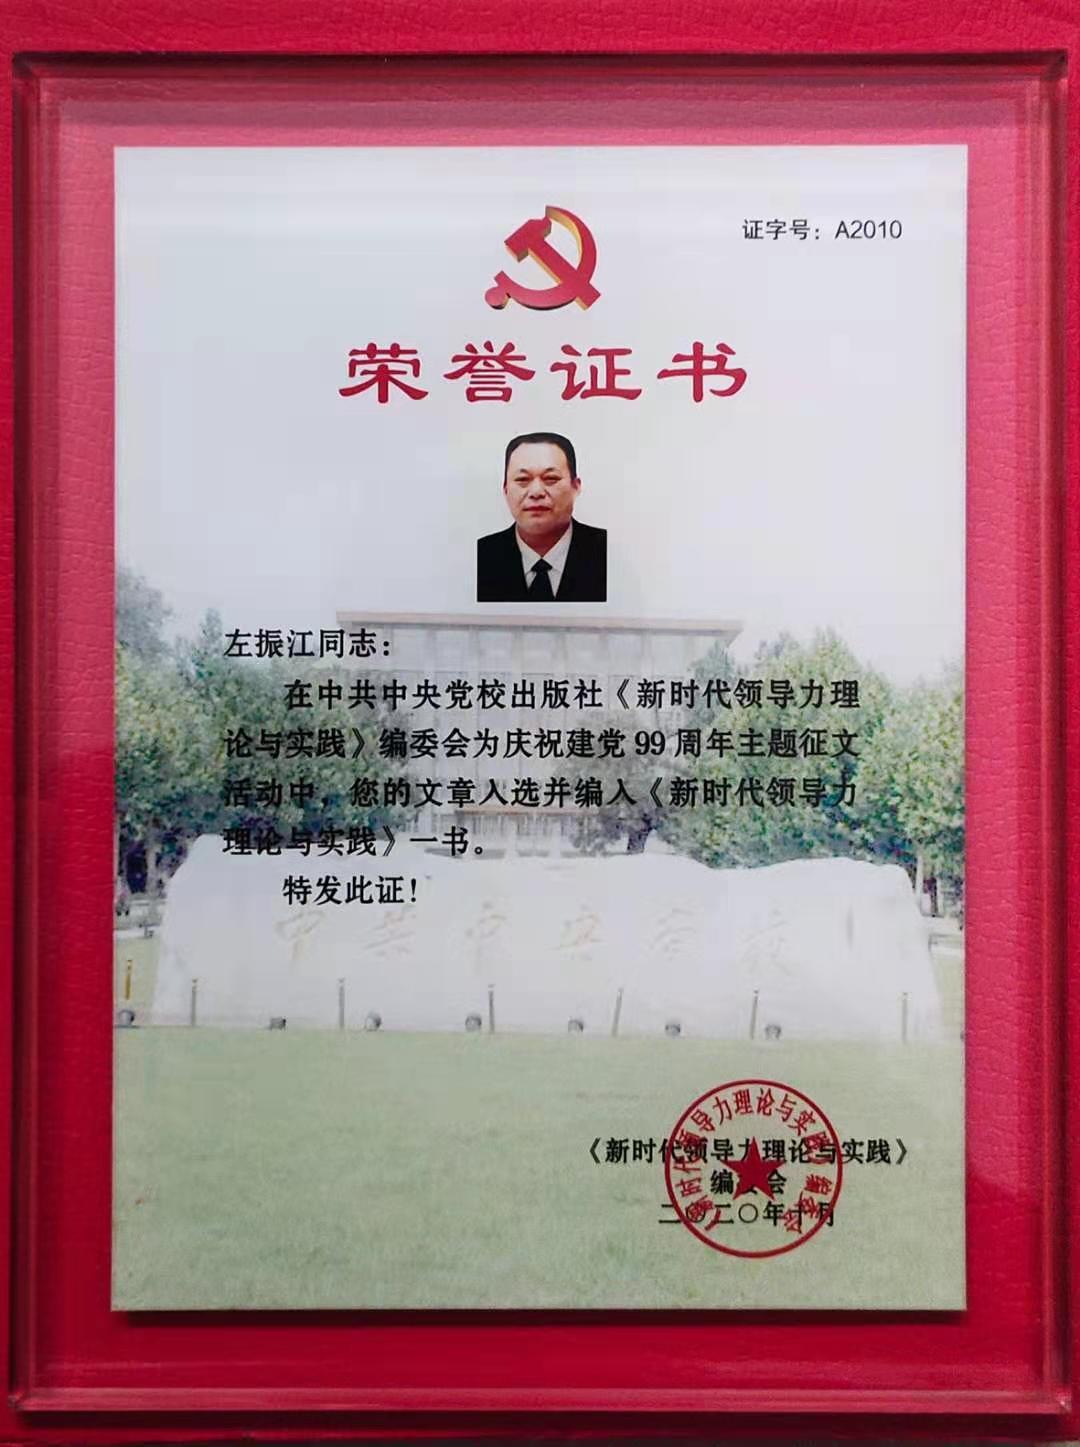 左振江董事长事迹文章入选《新时代领导力理论与实践》一书